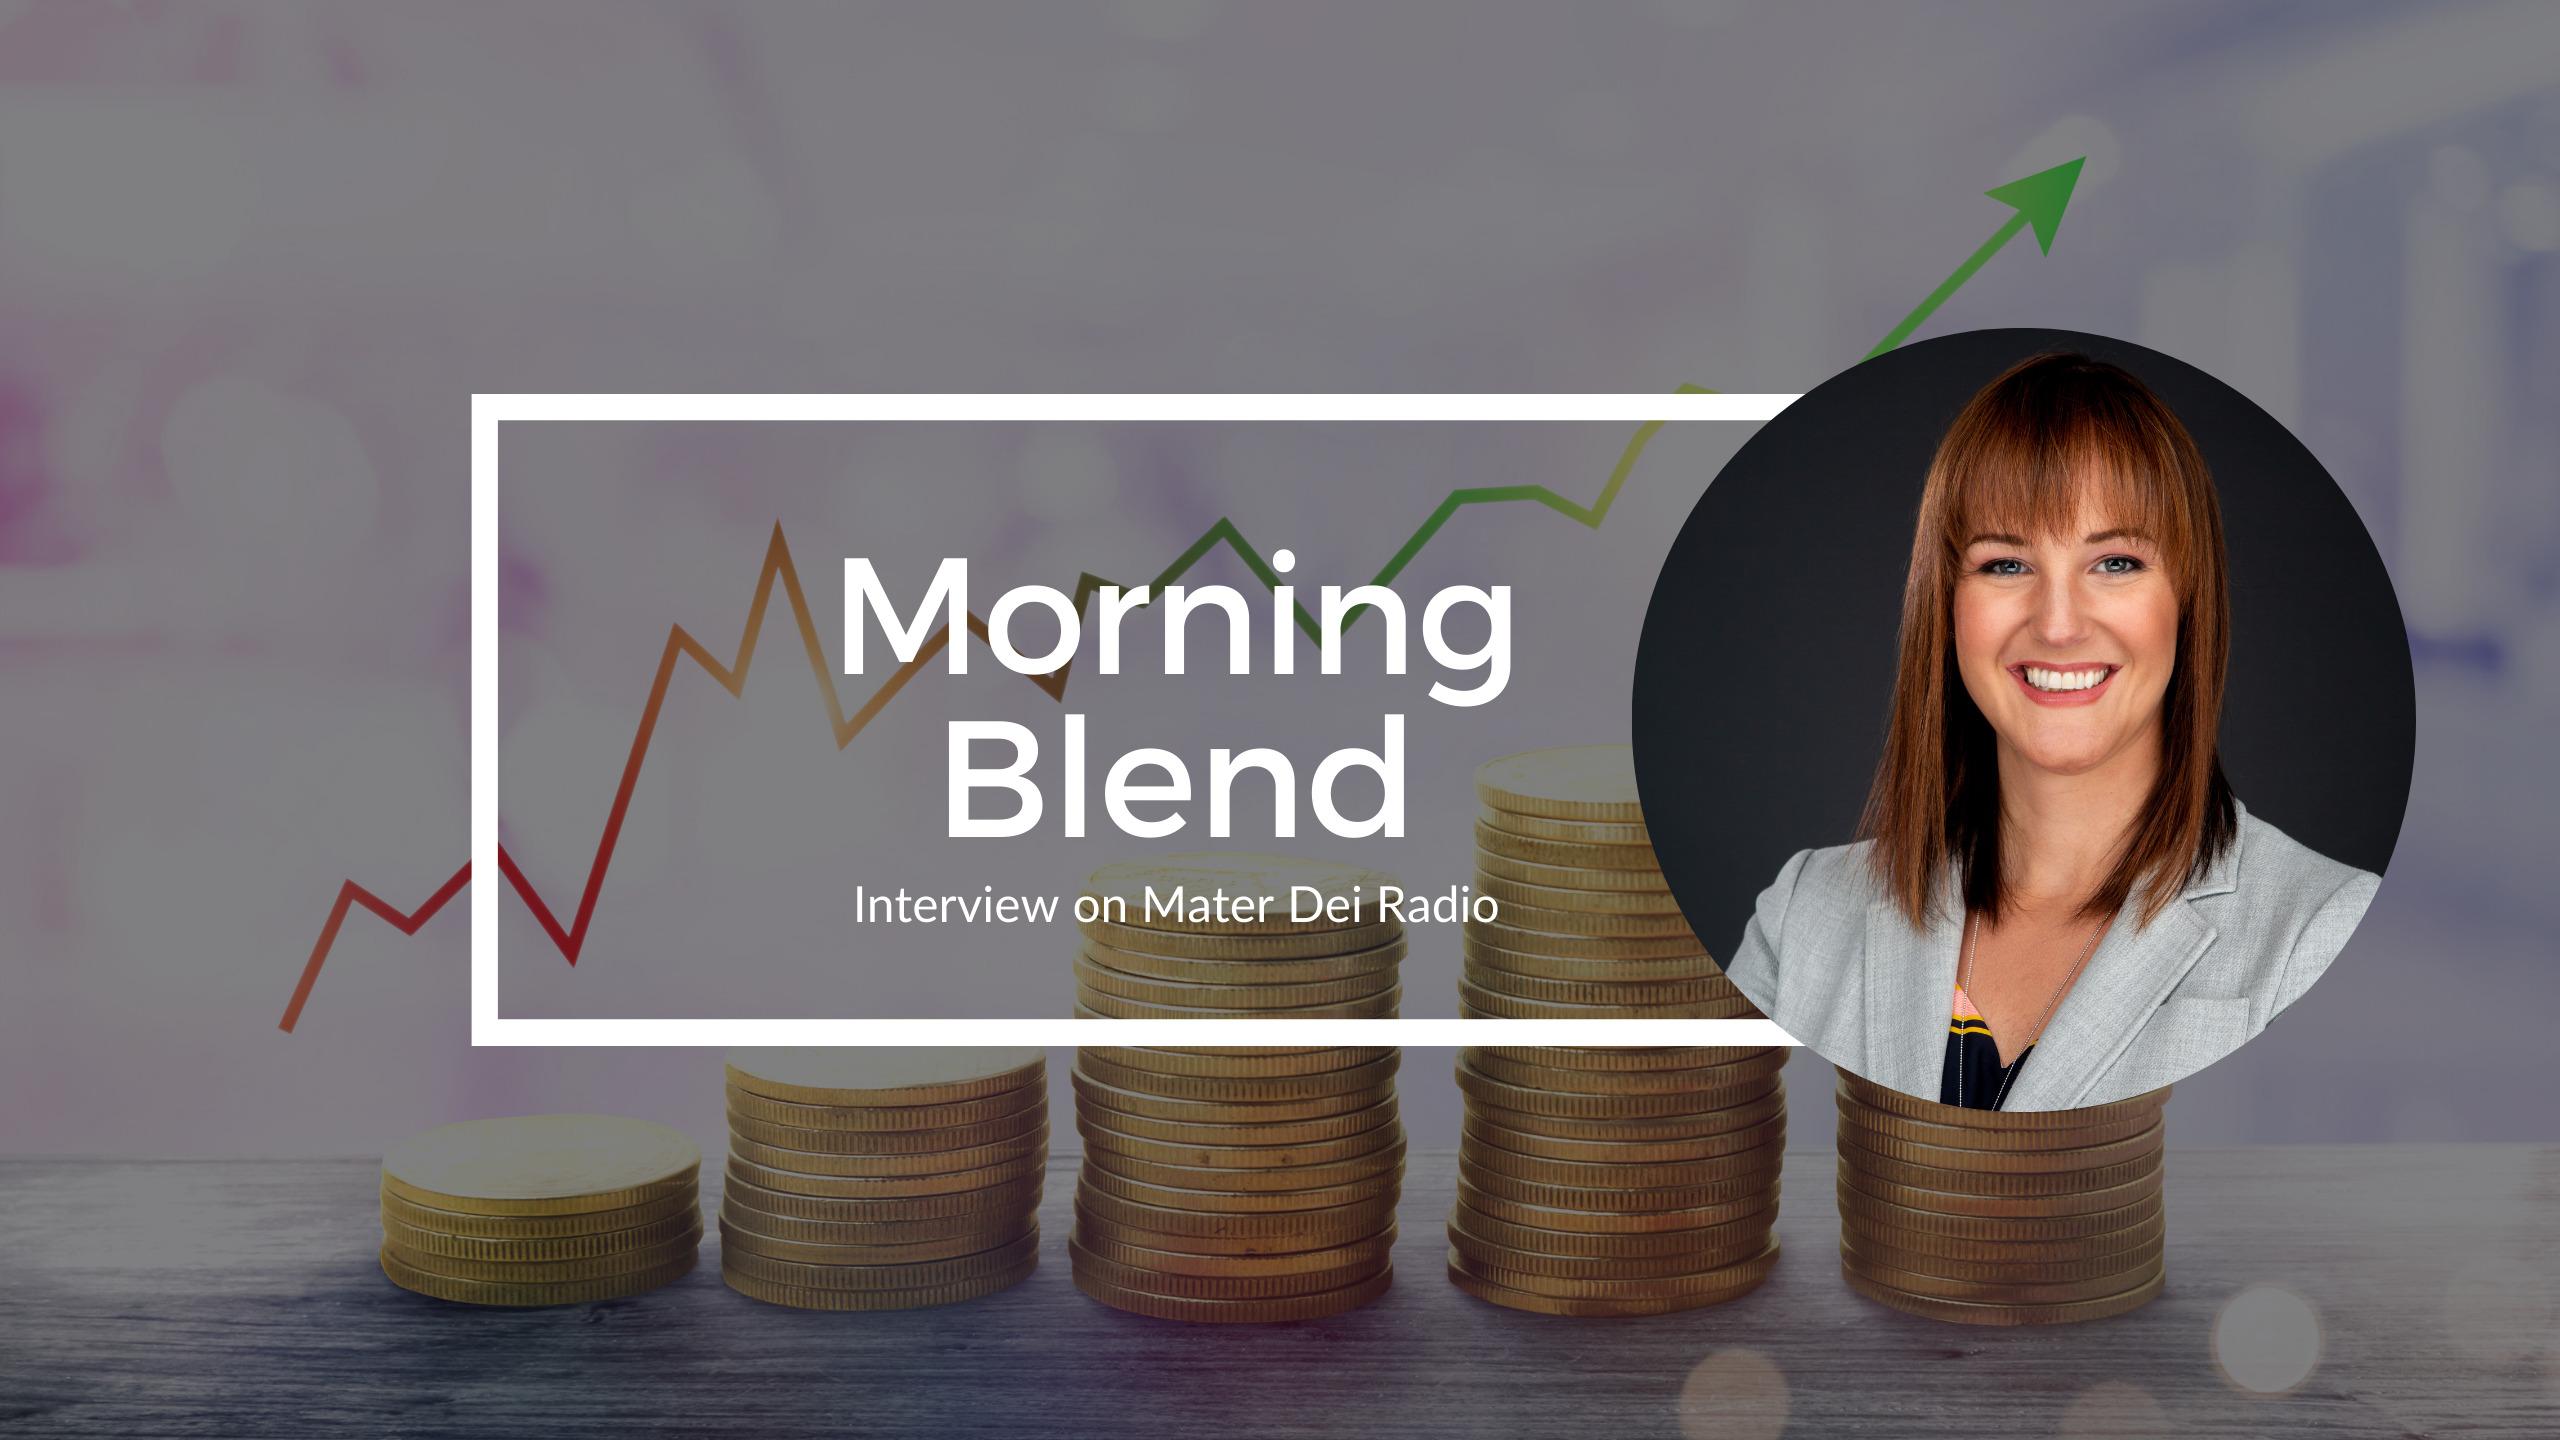 Morning Blend Mater Dei Radio